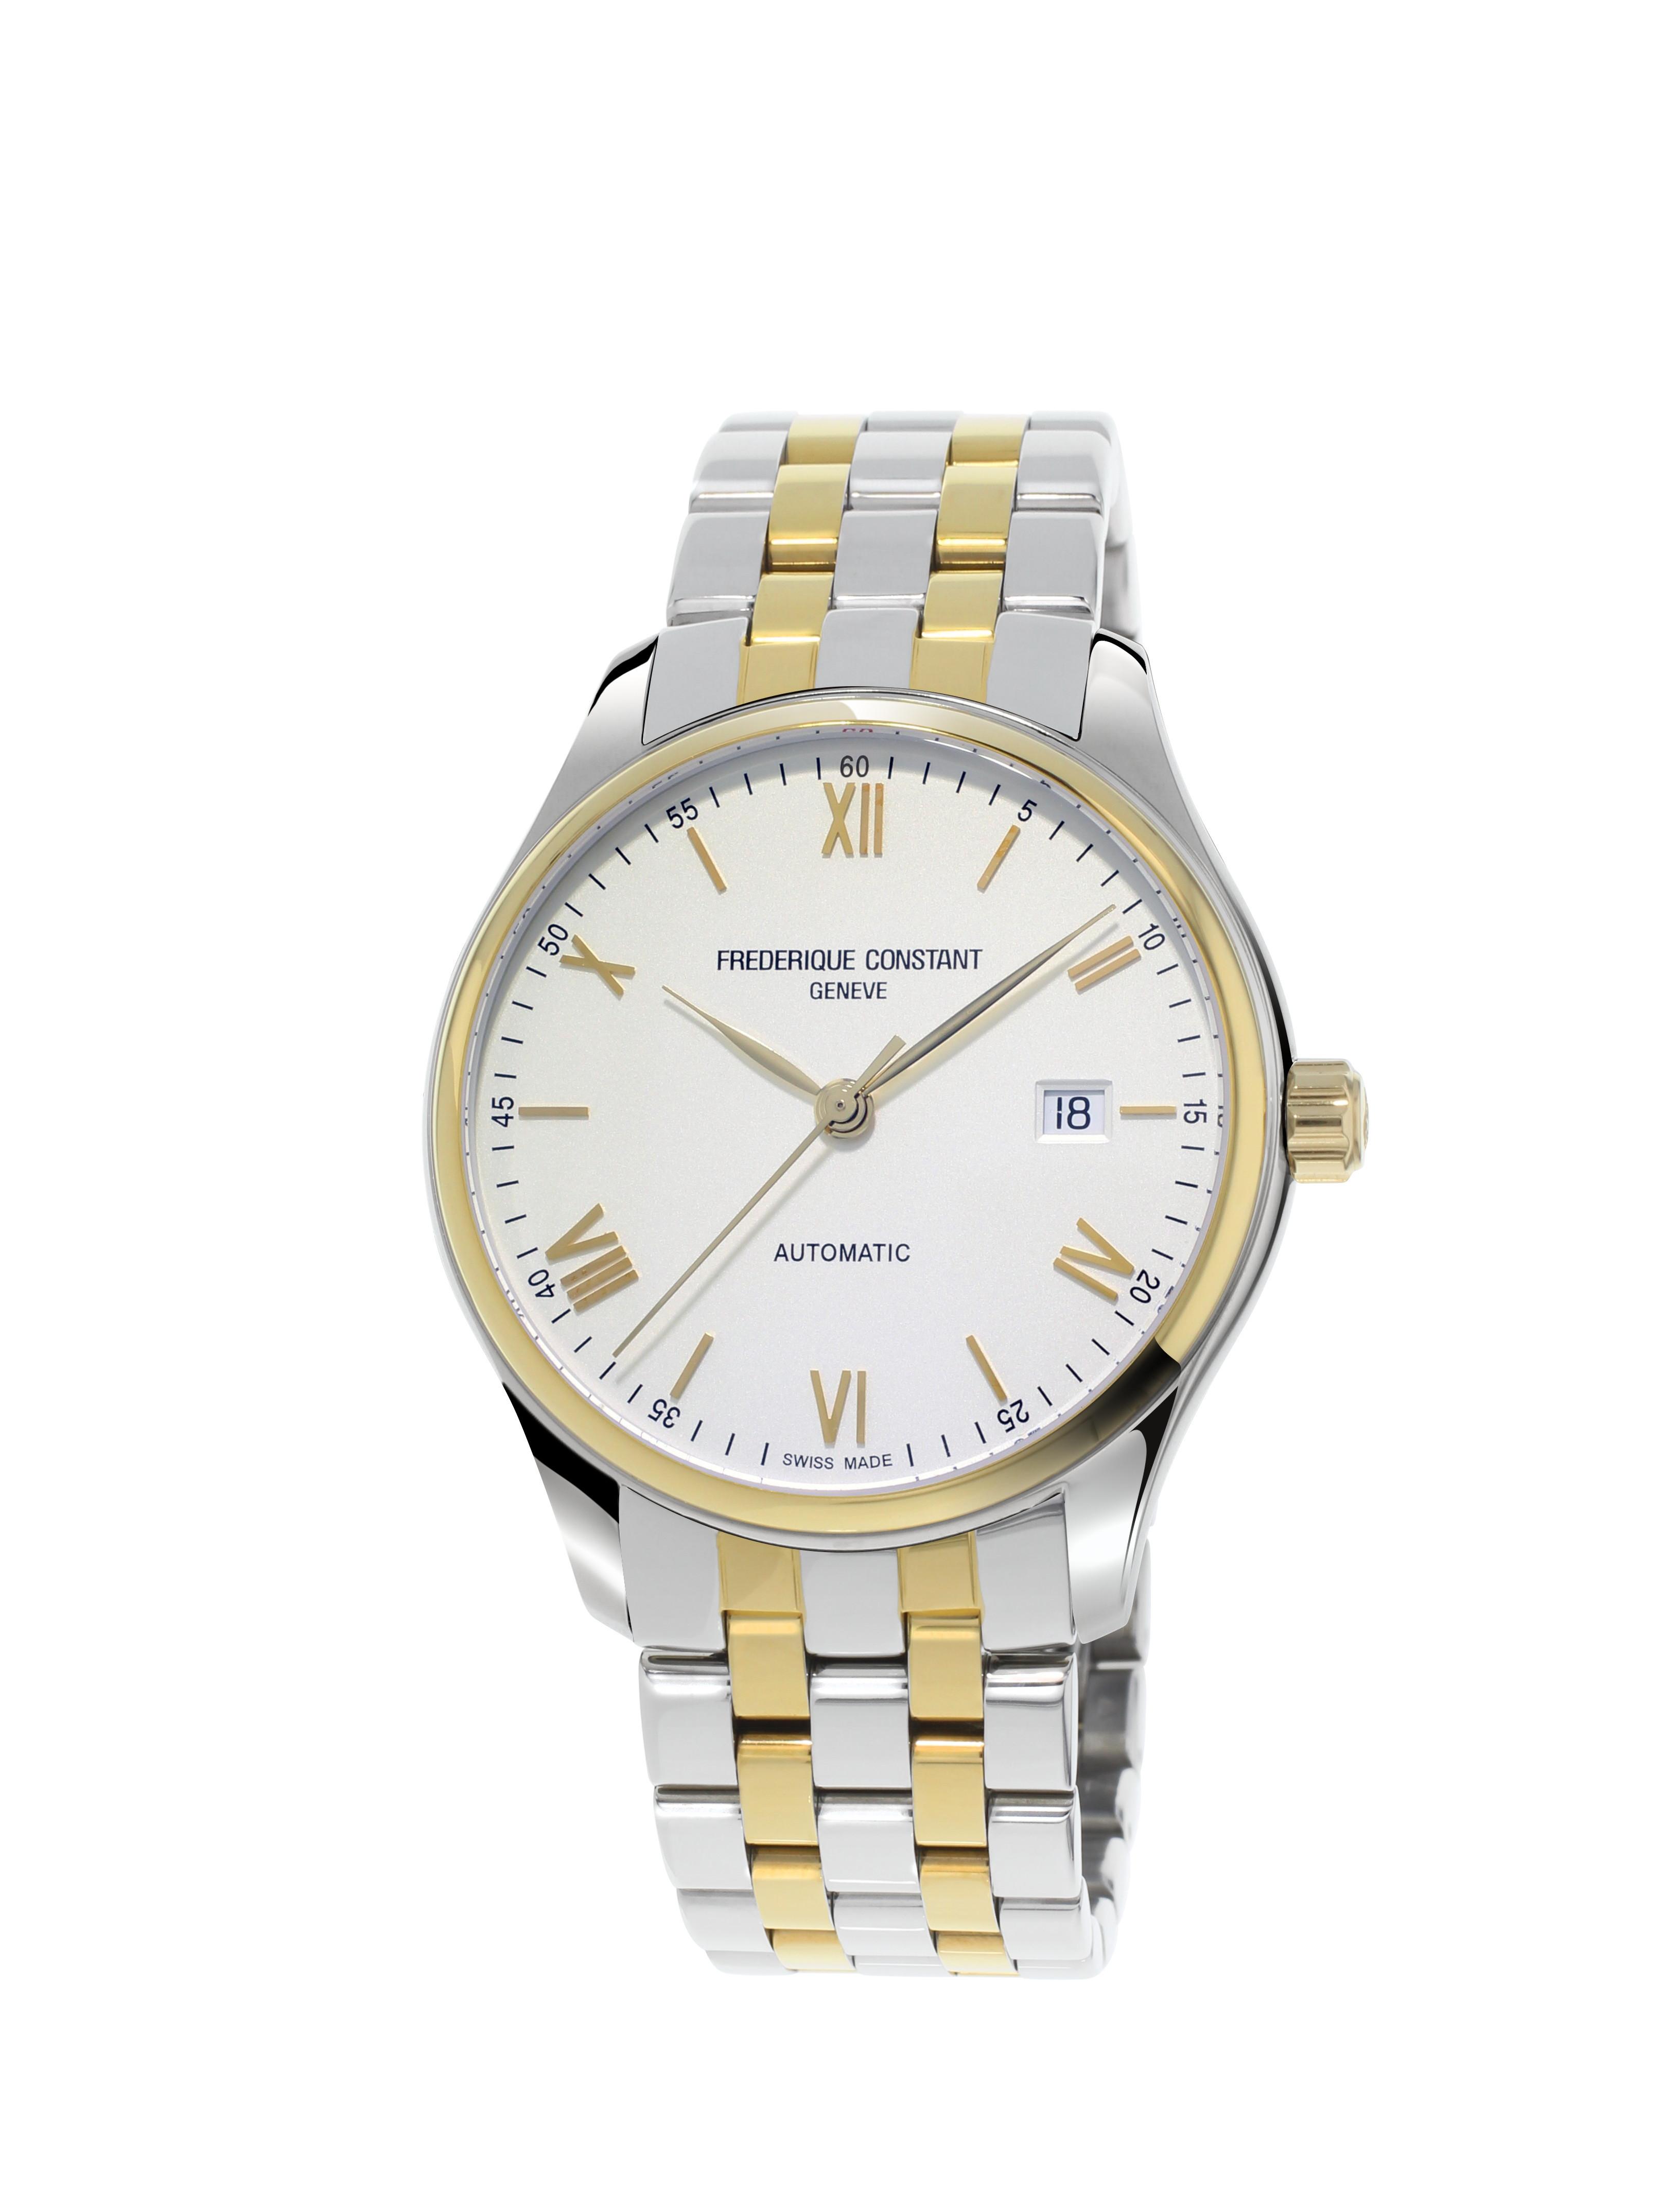 Frédérique Constant - Index Automatic Pair : Un duo de montres pour Elle & Lui